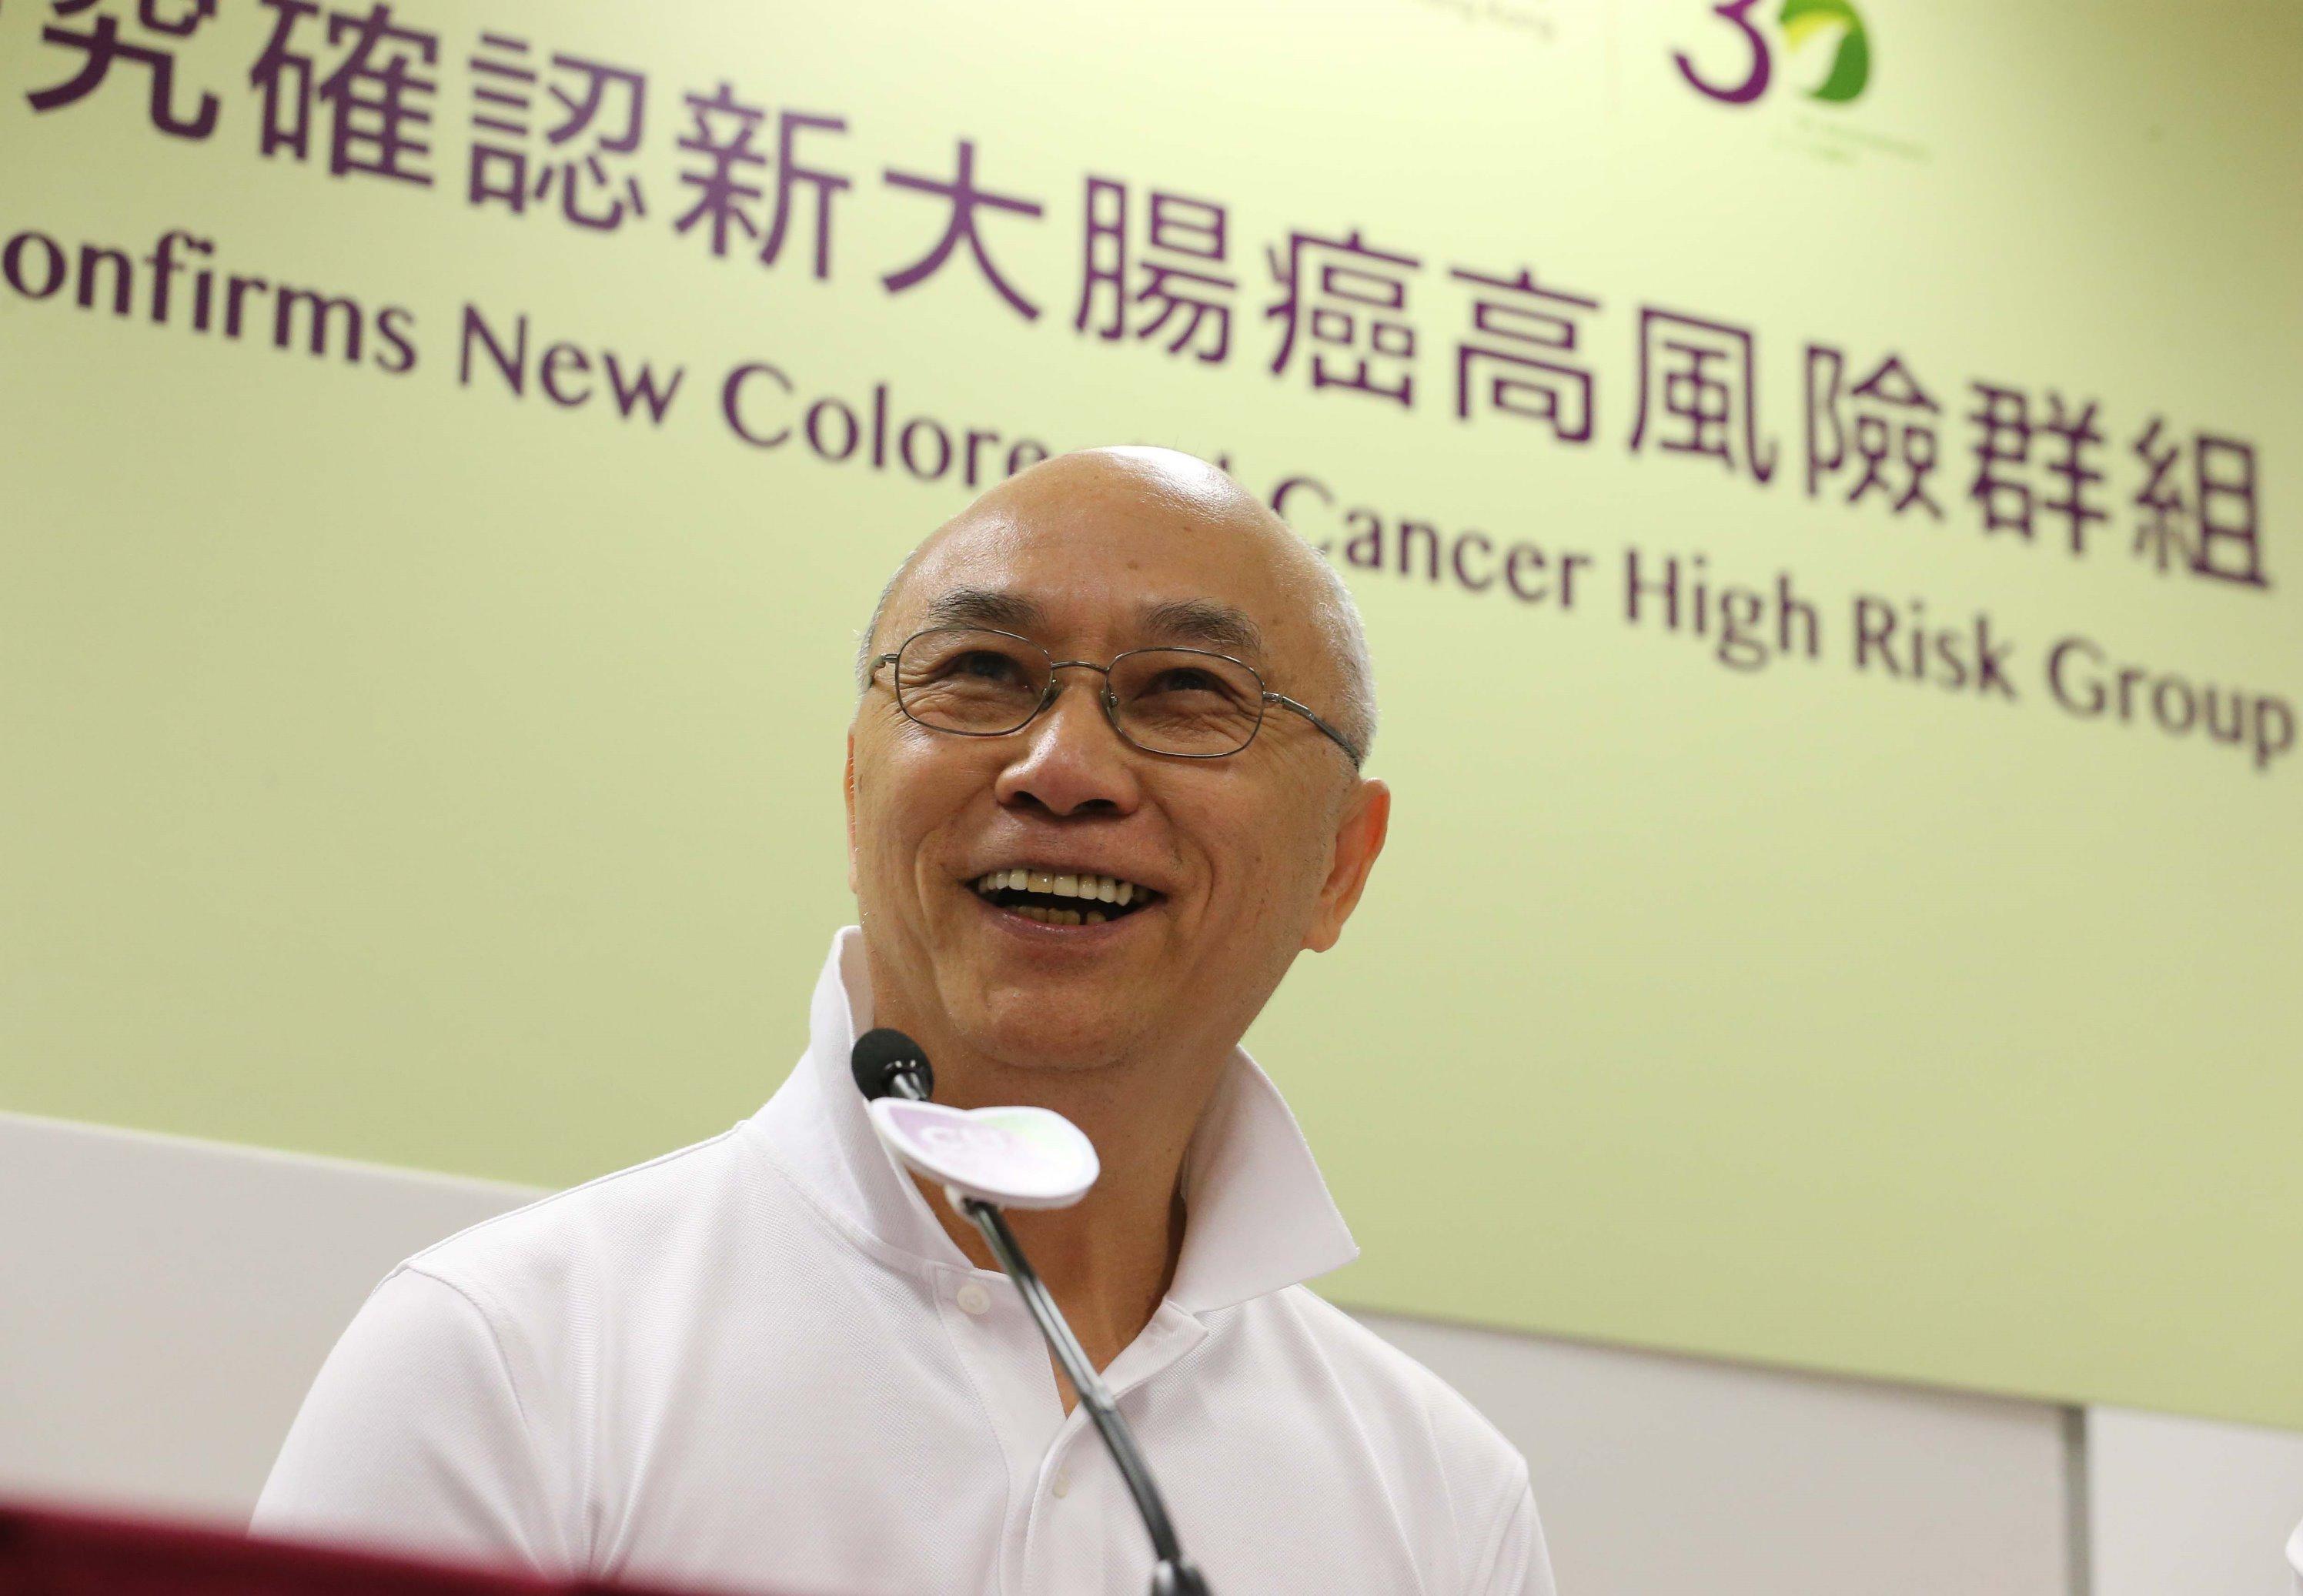 潘先生因弟弟患有大腸高危瘜肉而參與是次研究,結果在接受大腸鏡檢查時發現同樣長有高危瘜肉。